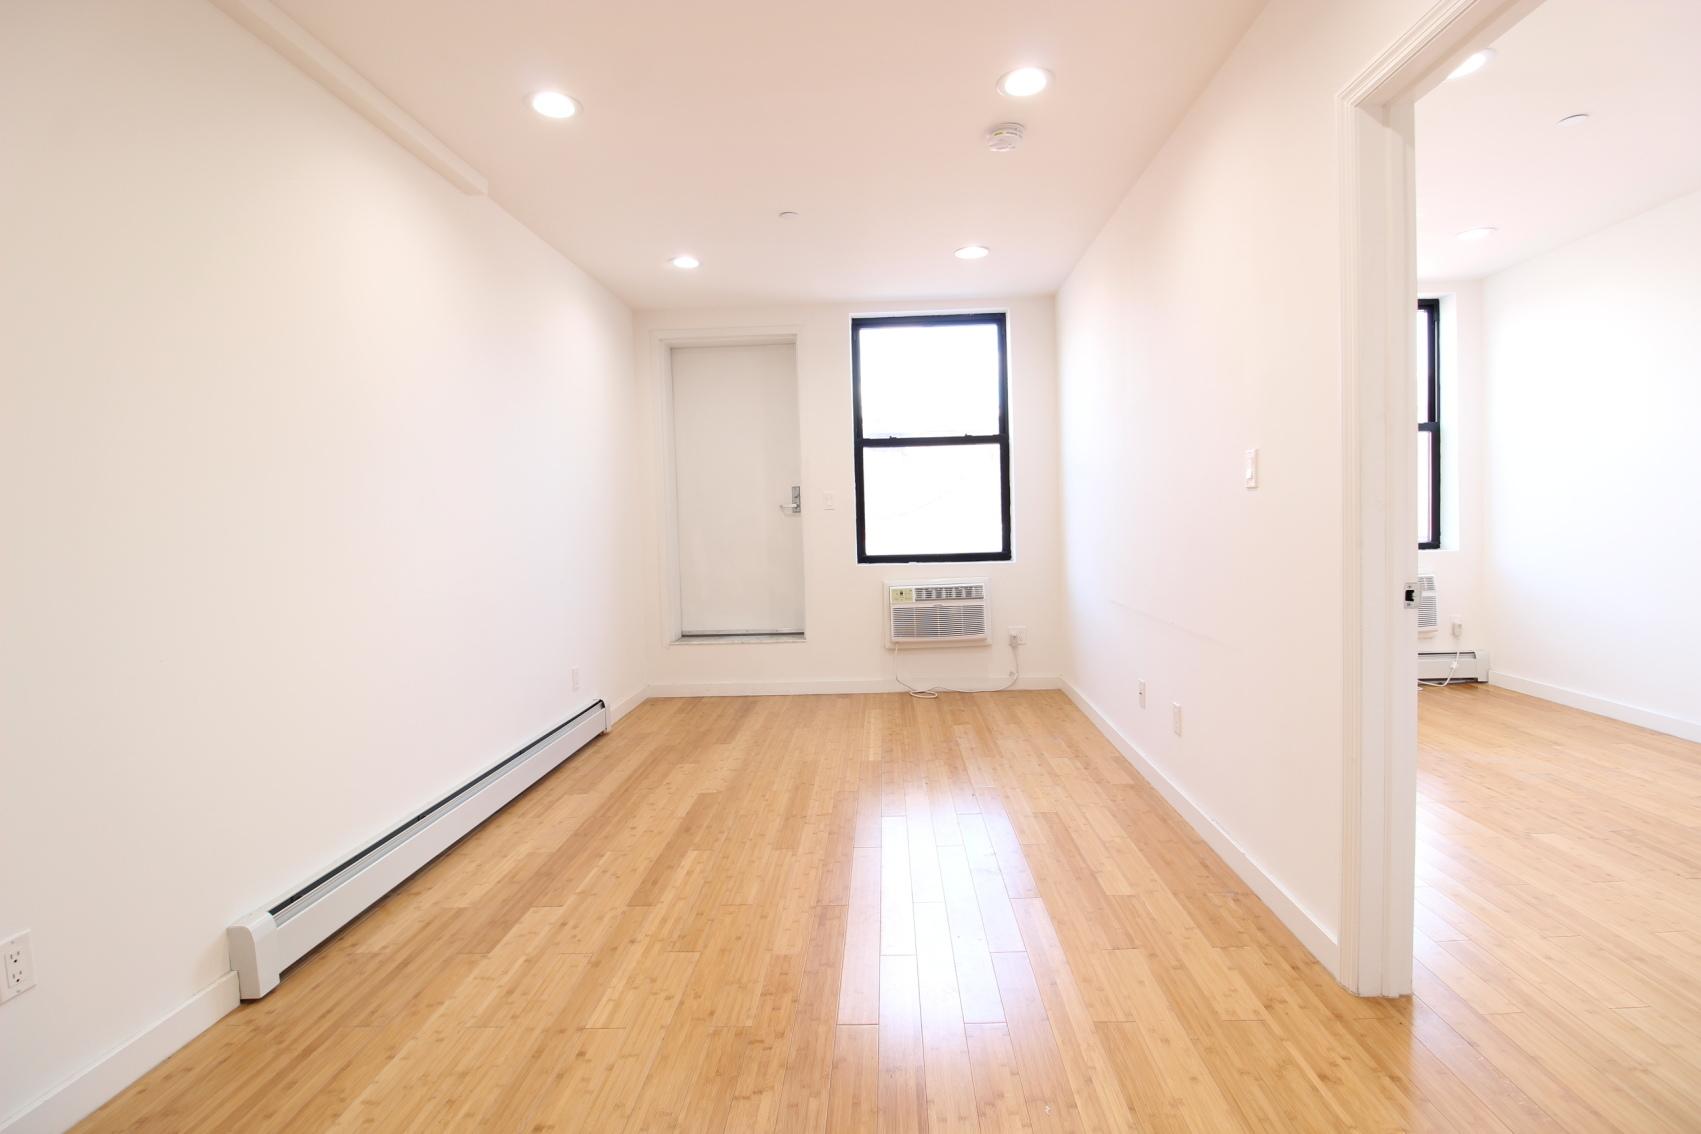 239 Utica Avenue, Apt 2-R, Brooklyn, New York 11213